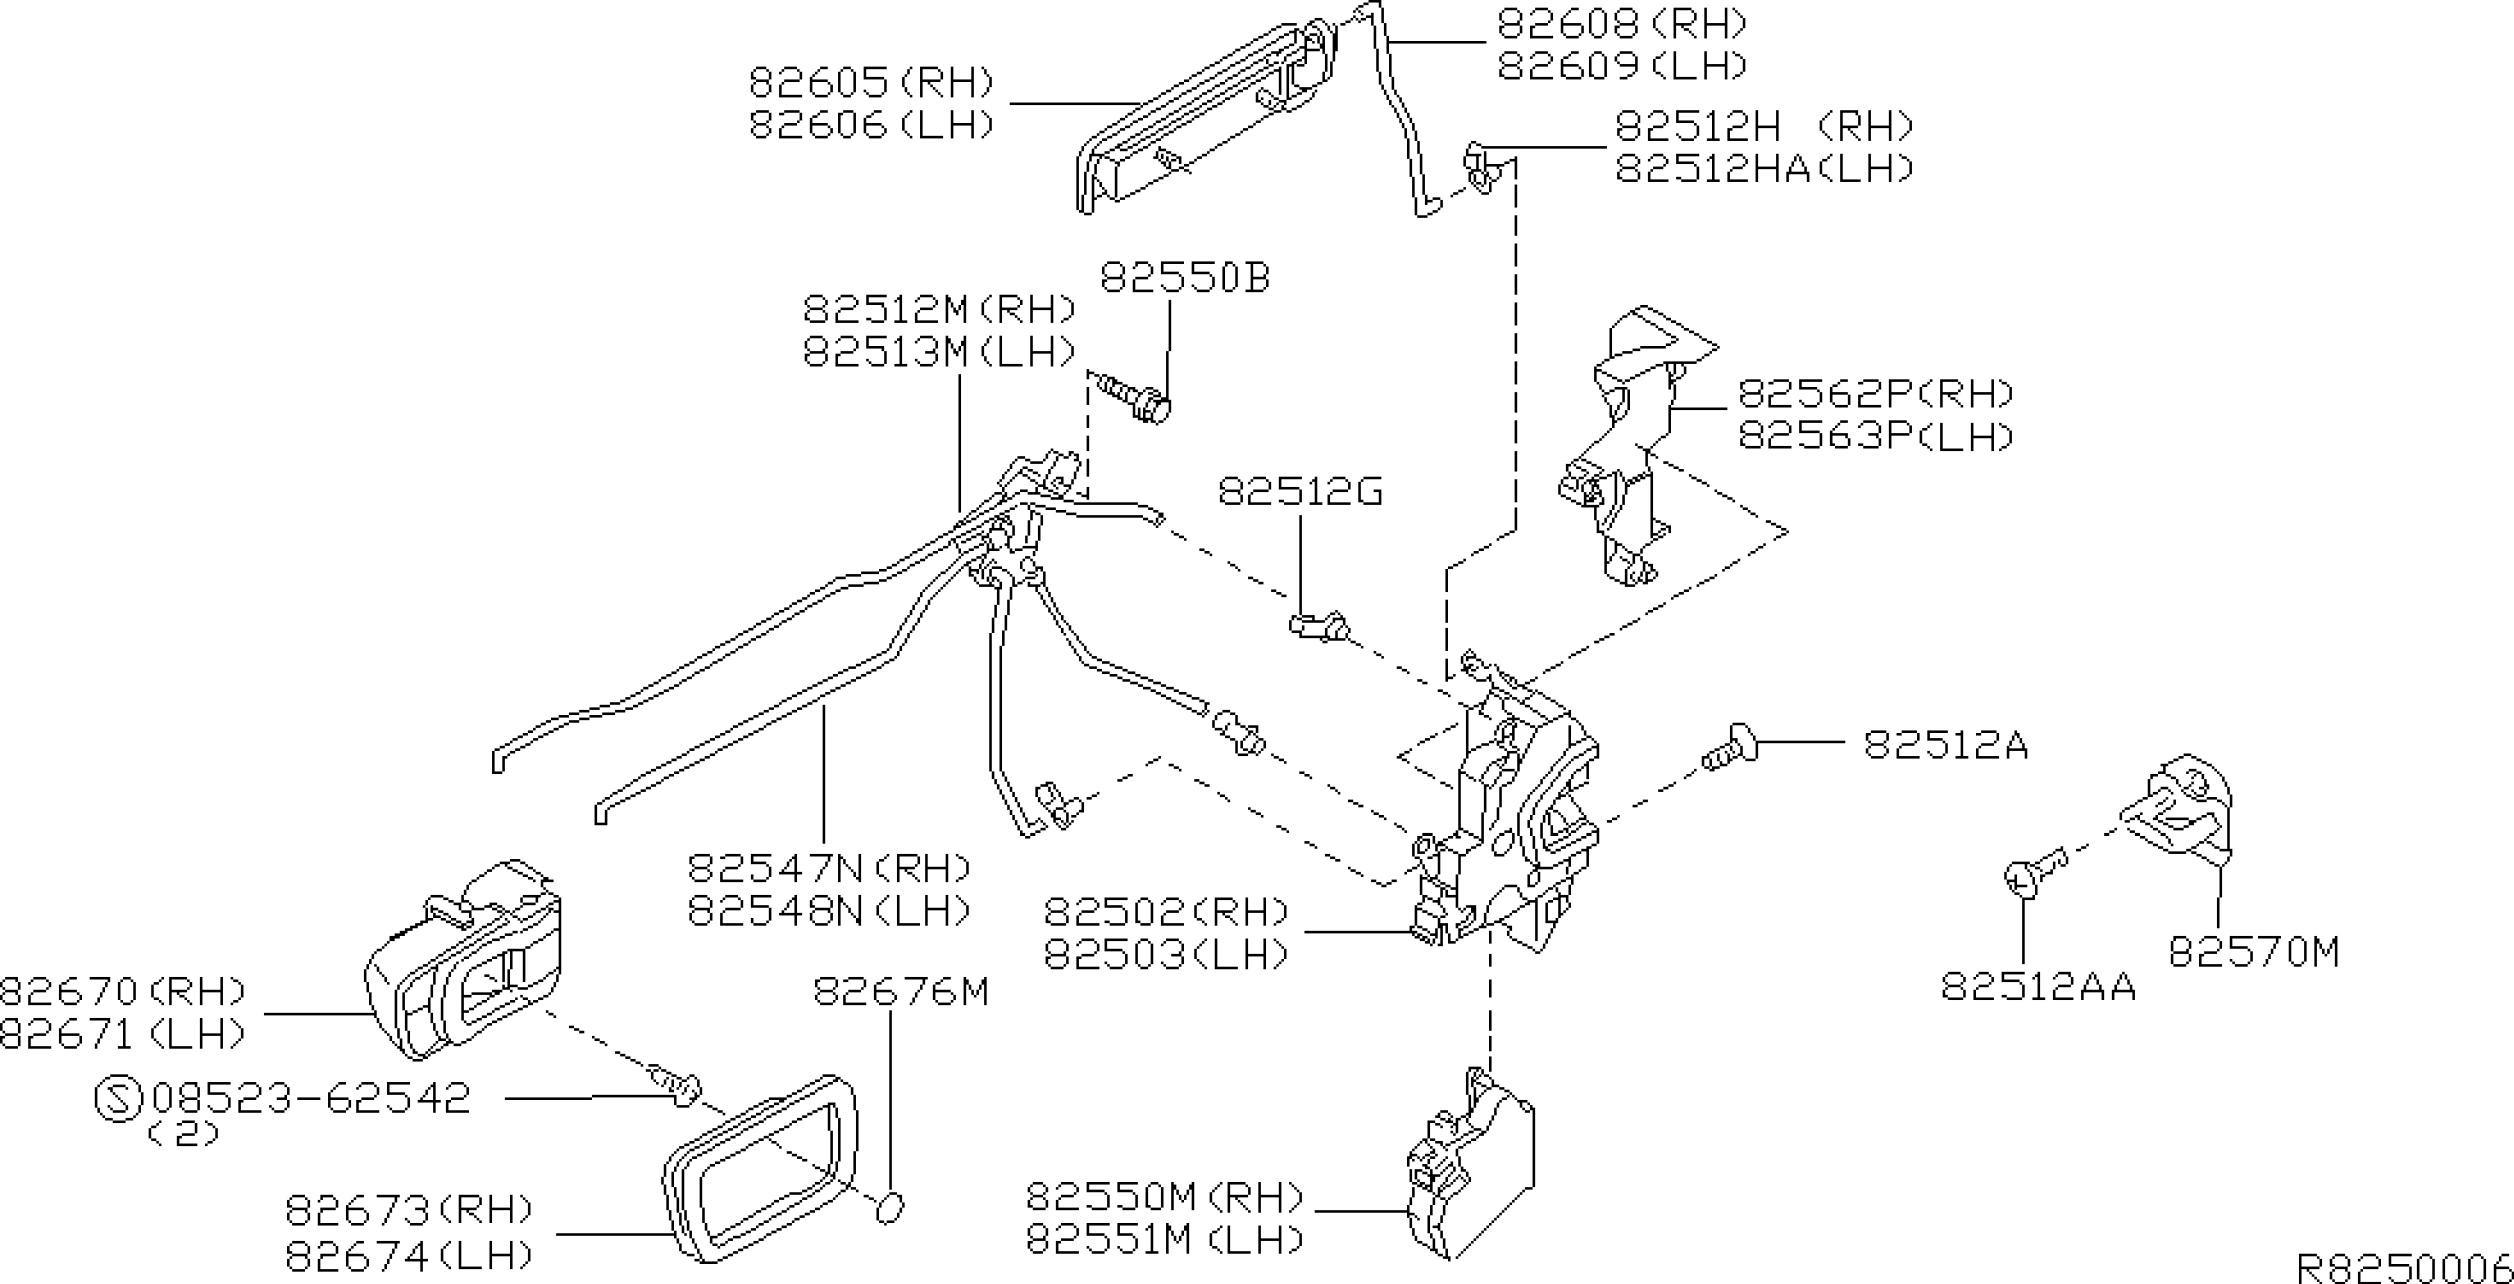 2000 Nissan Pathfinder Engine Diagram 2006 Nissan Frontier Engine Diagram  2003 Nissan Xterra Oem Parts Of